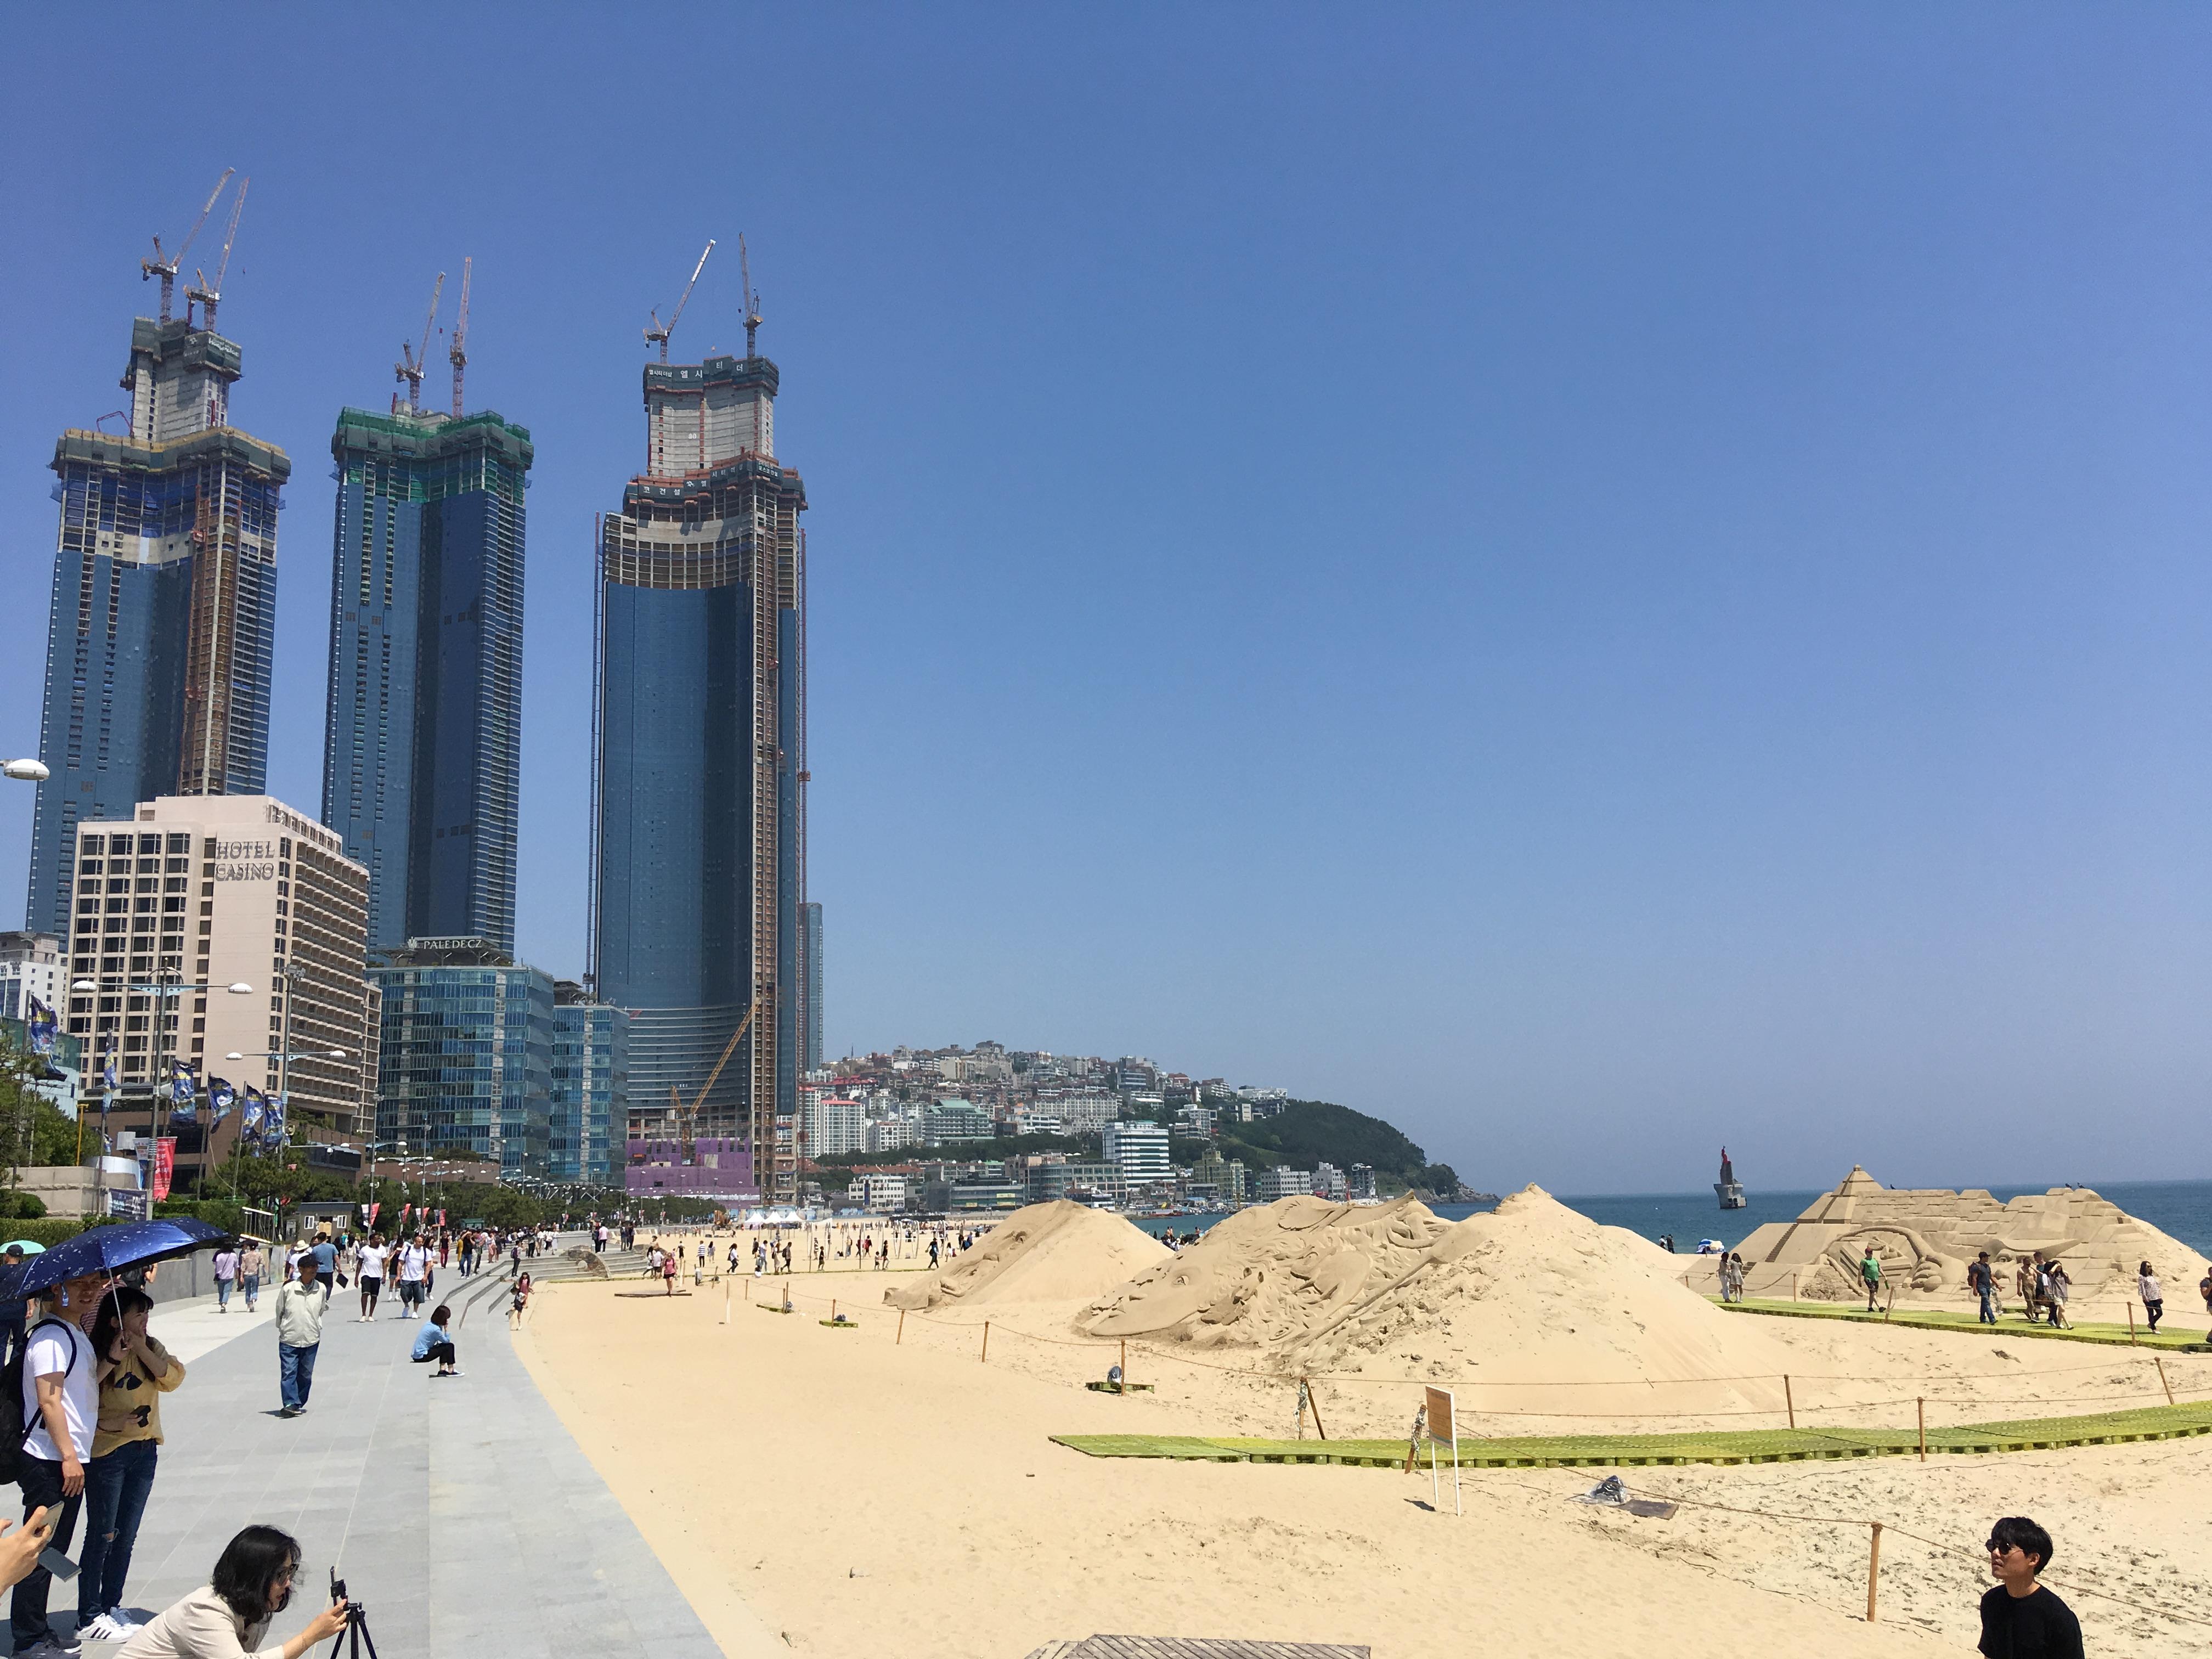 Ein Strandabschnitt mit Sandschlössern ist zu sehen. Dahinter Wolkenkratzer.